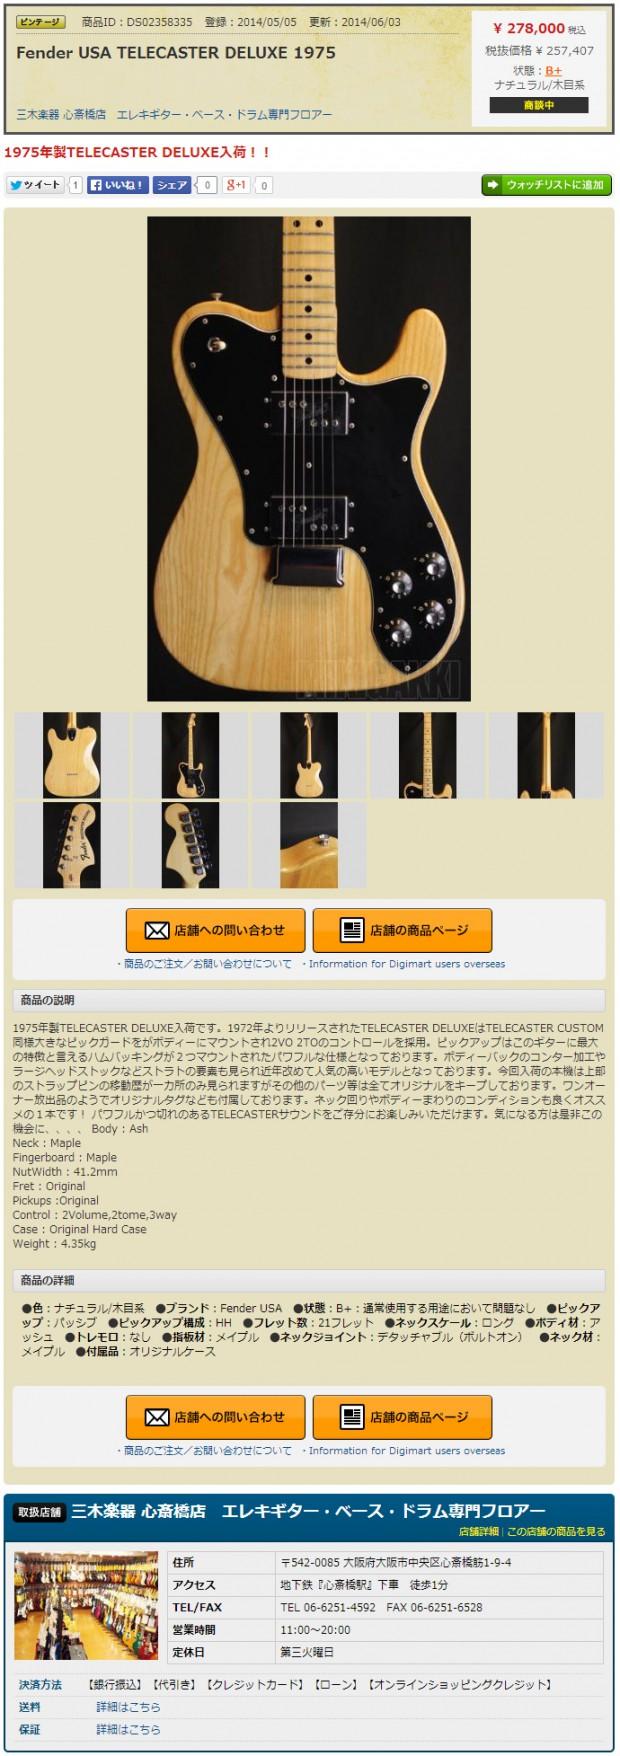 Fender-USA-TELECASTER-DELUX